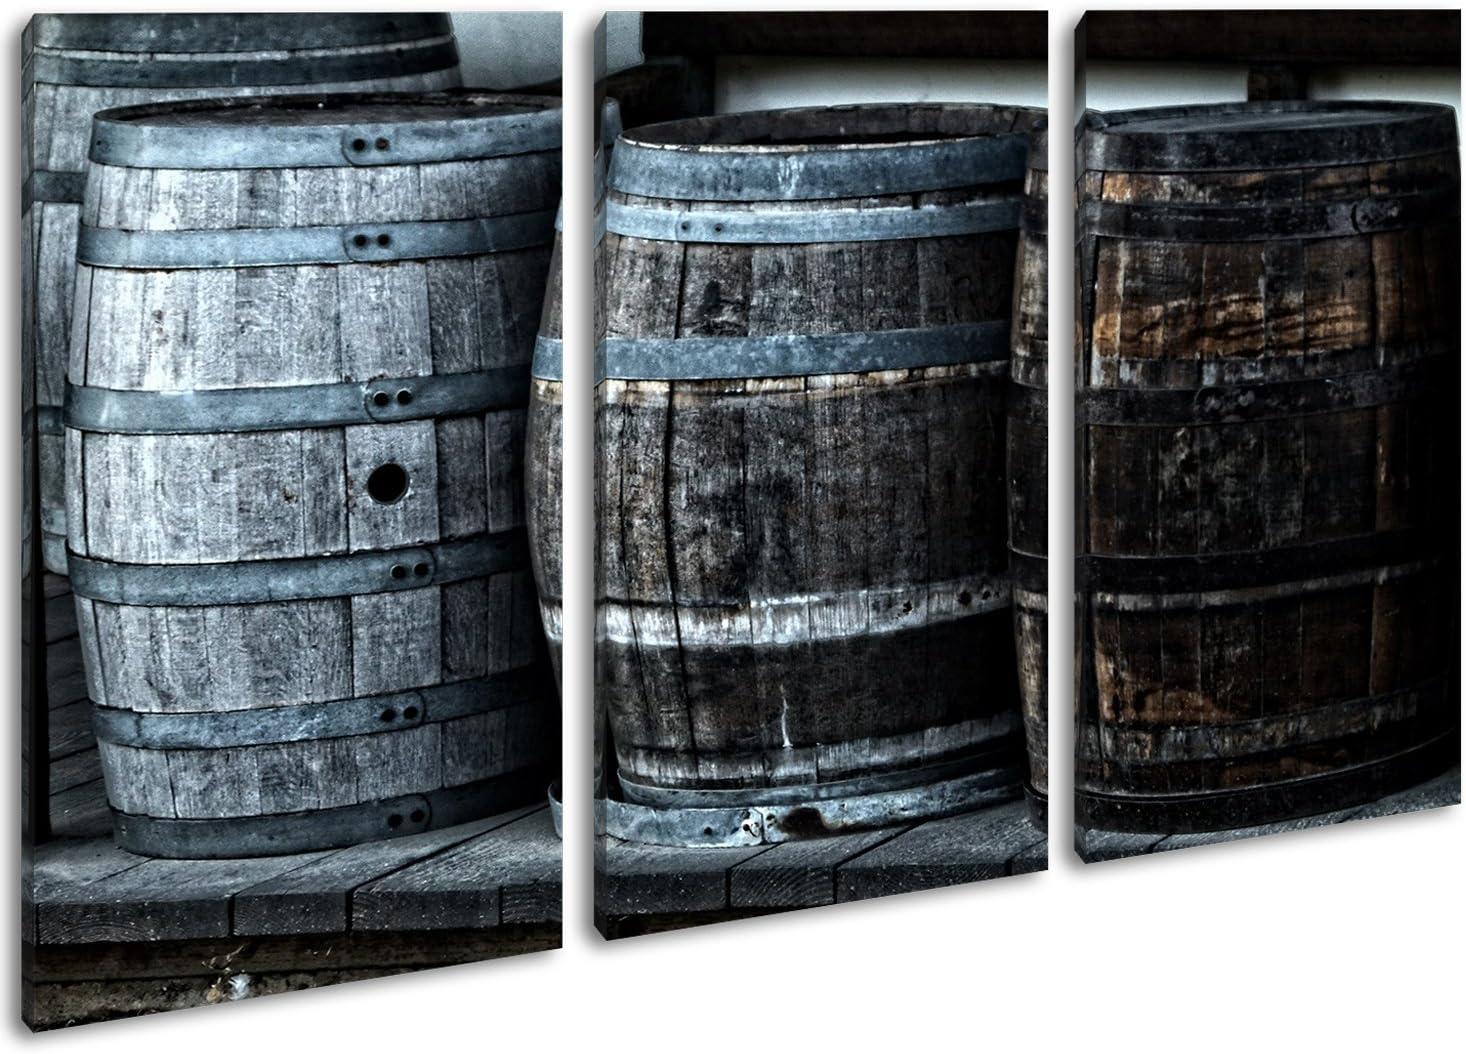 Vieja madera barriles con vino como Lienzo, diseño enmarcado en marco de madera, impresión digital de alta calidad con marco, no es un póster o cartel, lona, Dreiteilig (120x80)